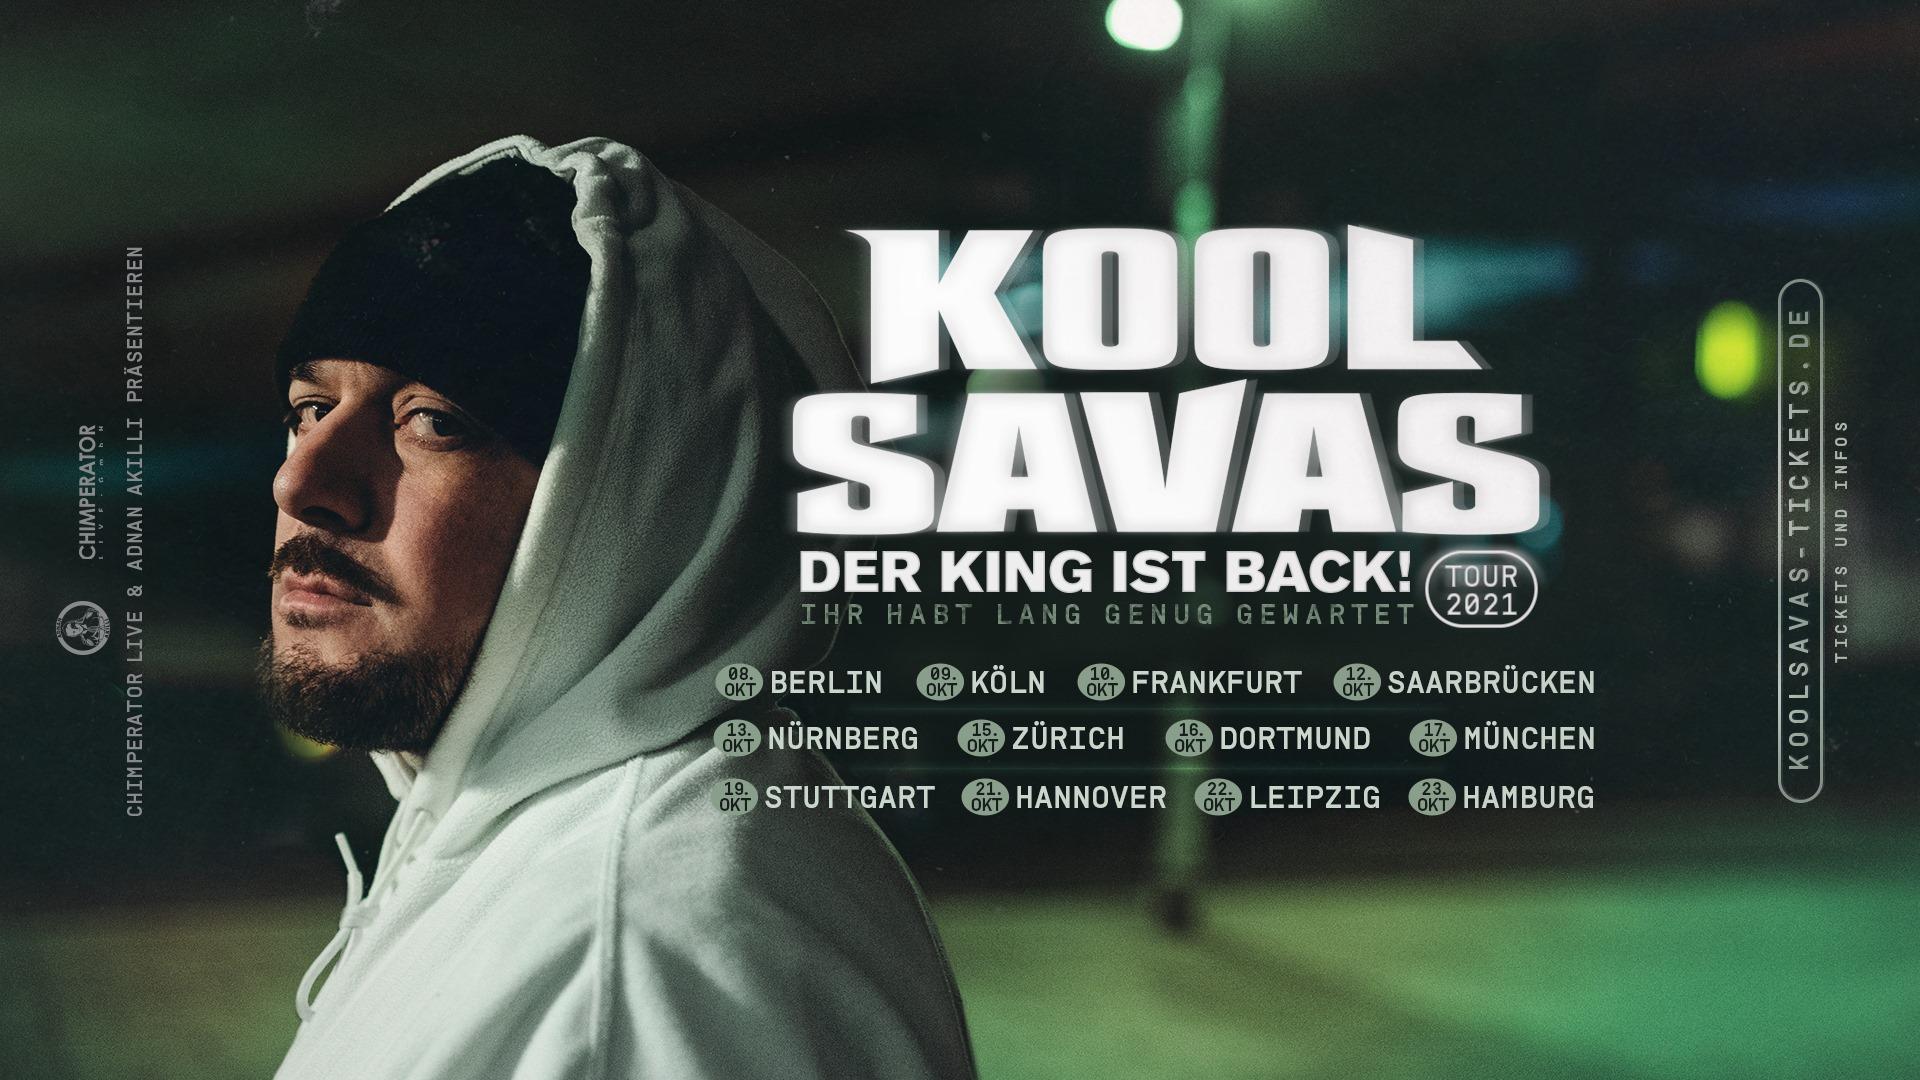 Kool Savas - der king is back